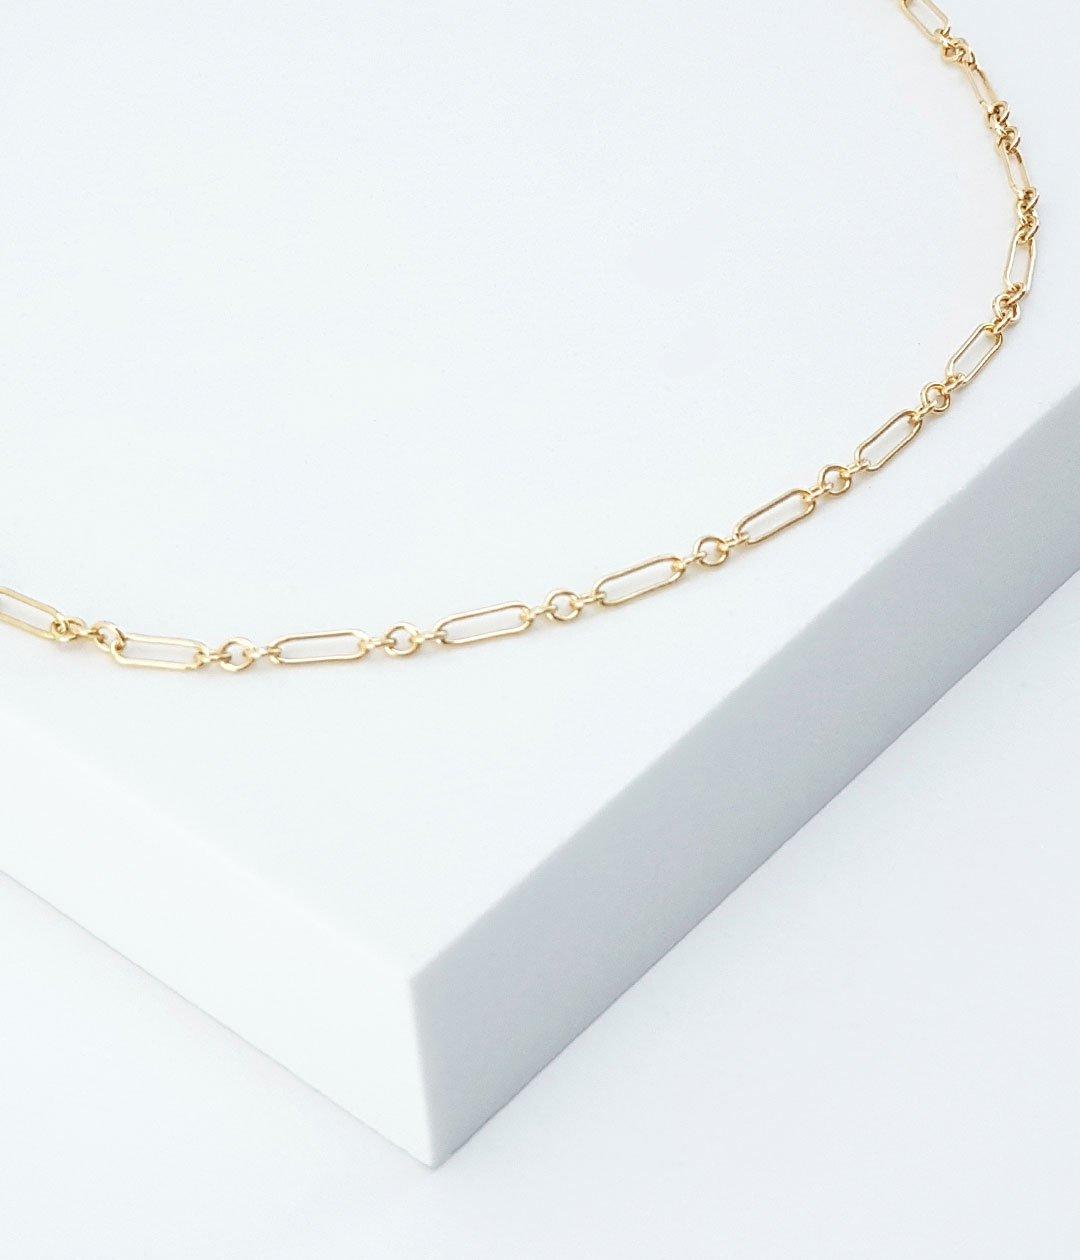 longandshort-chain-zoom